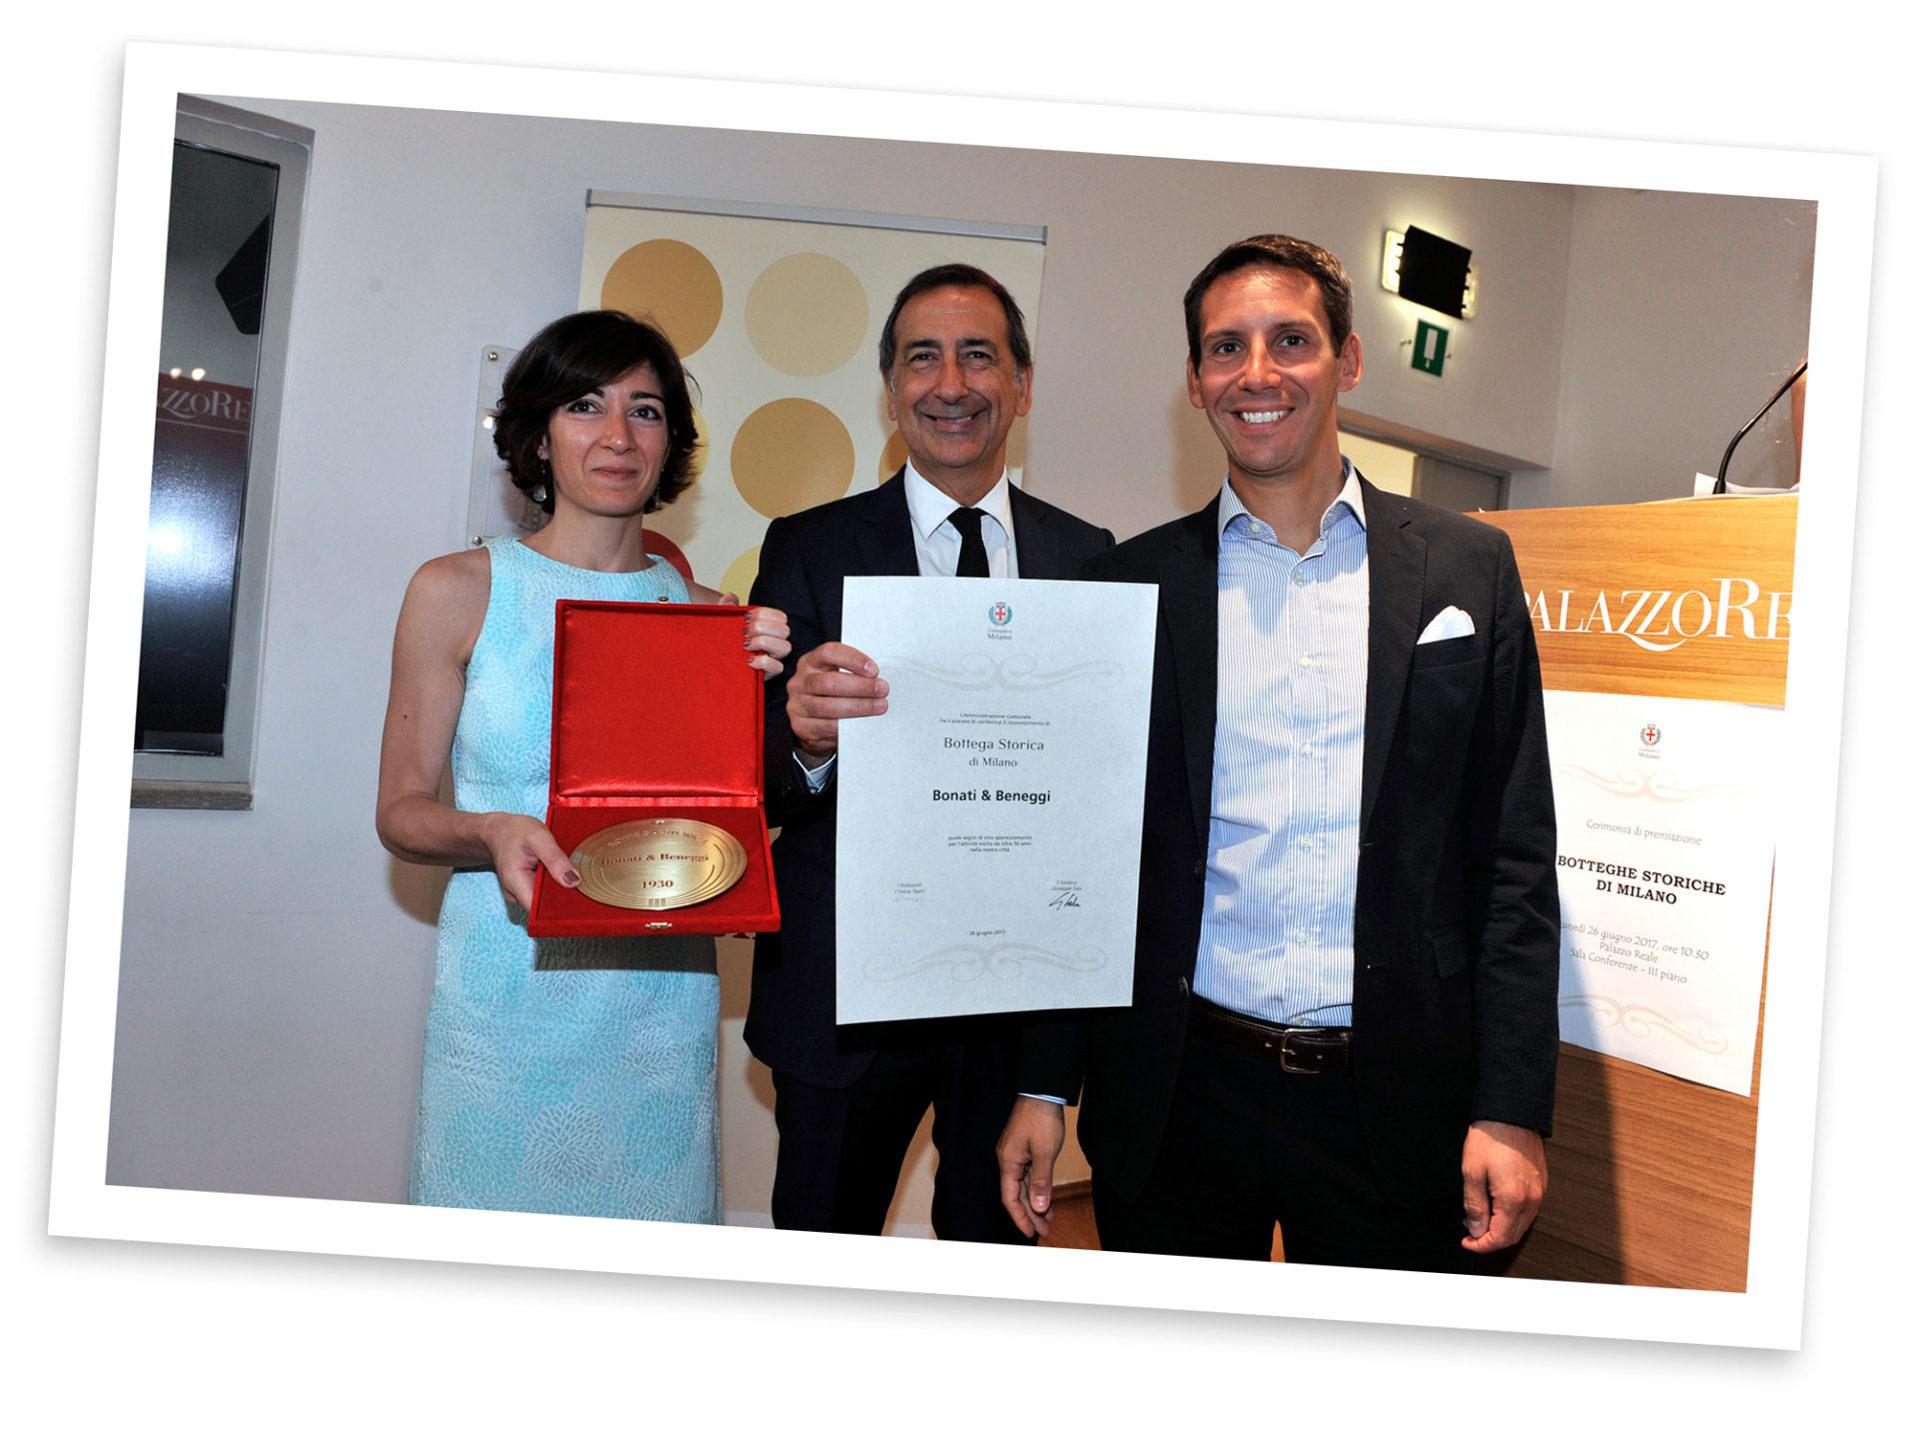 Foto premiazione Bonati e Beneggi